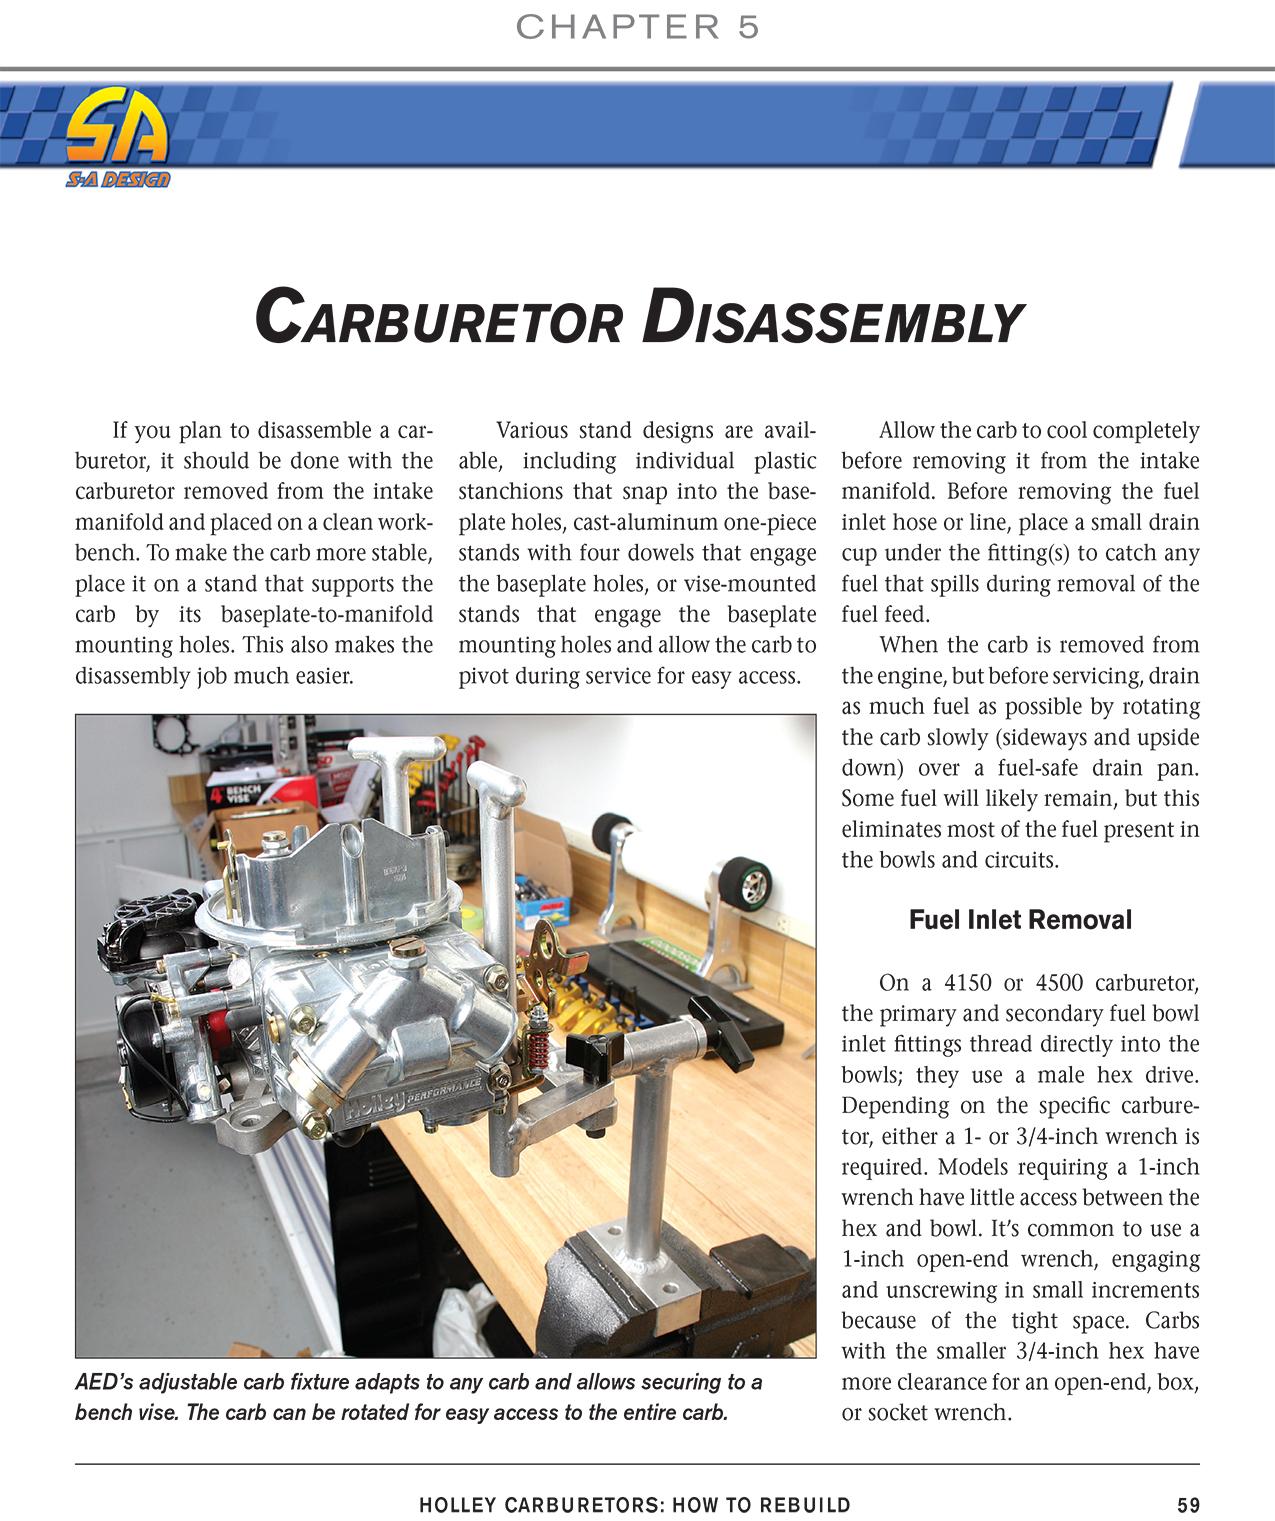 Holley 4165 carburetor repair Manual